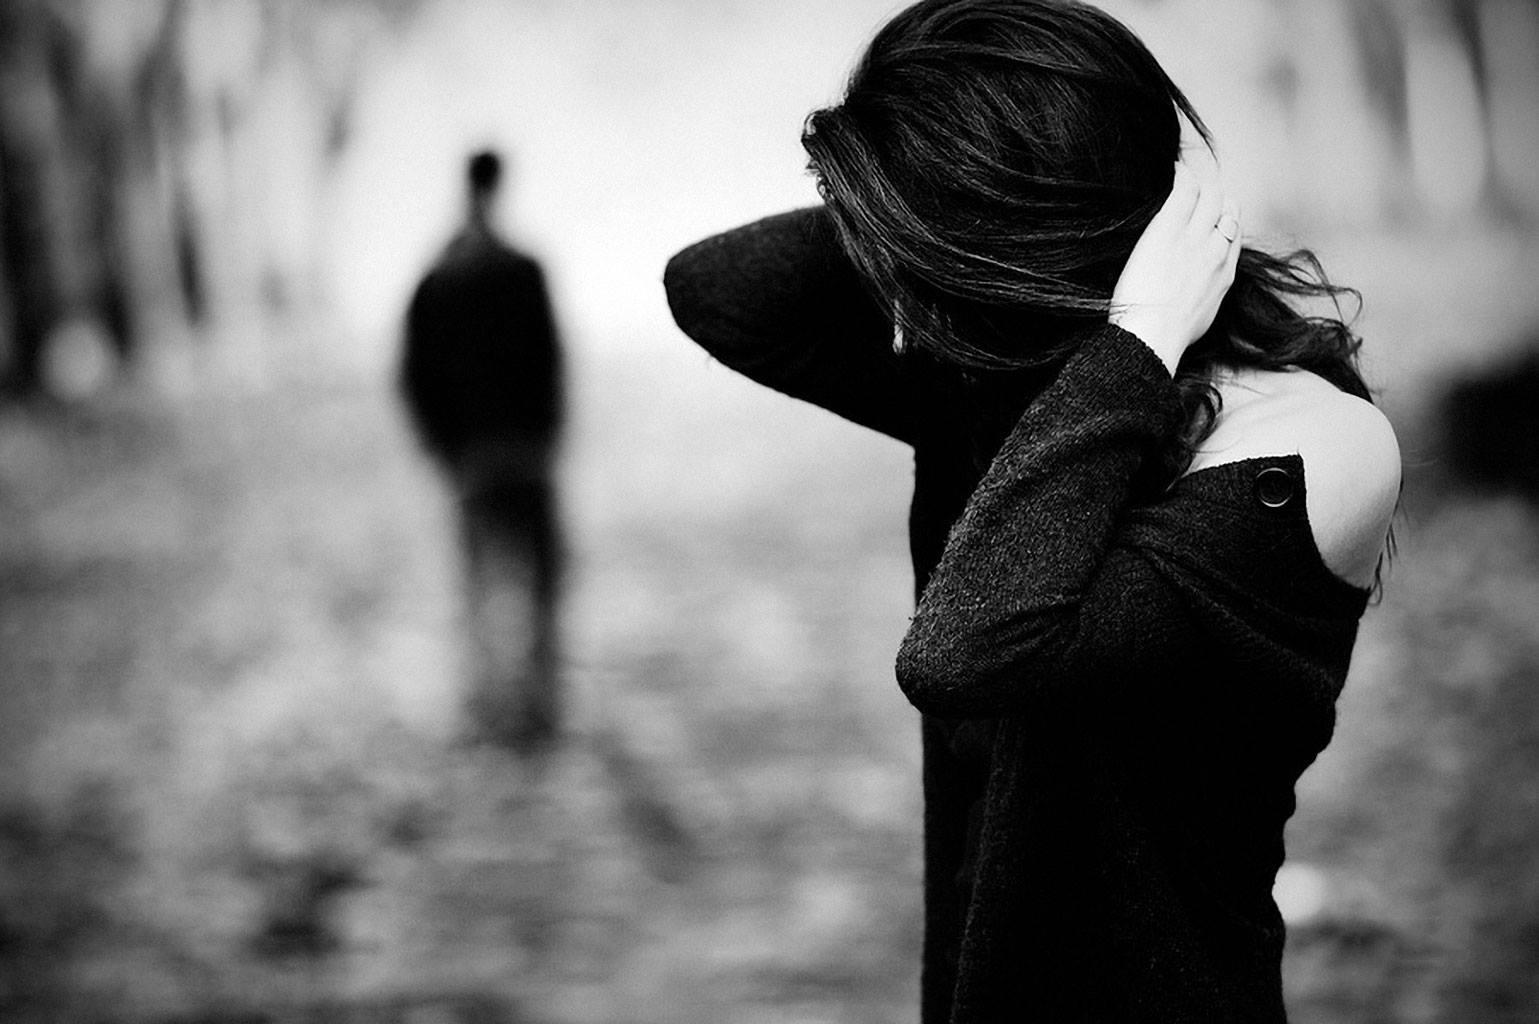 Câu hỏi bạn cần suy nghĩ thật kĩ trước khi quyết định chia tay một người